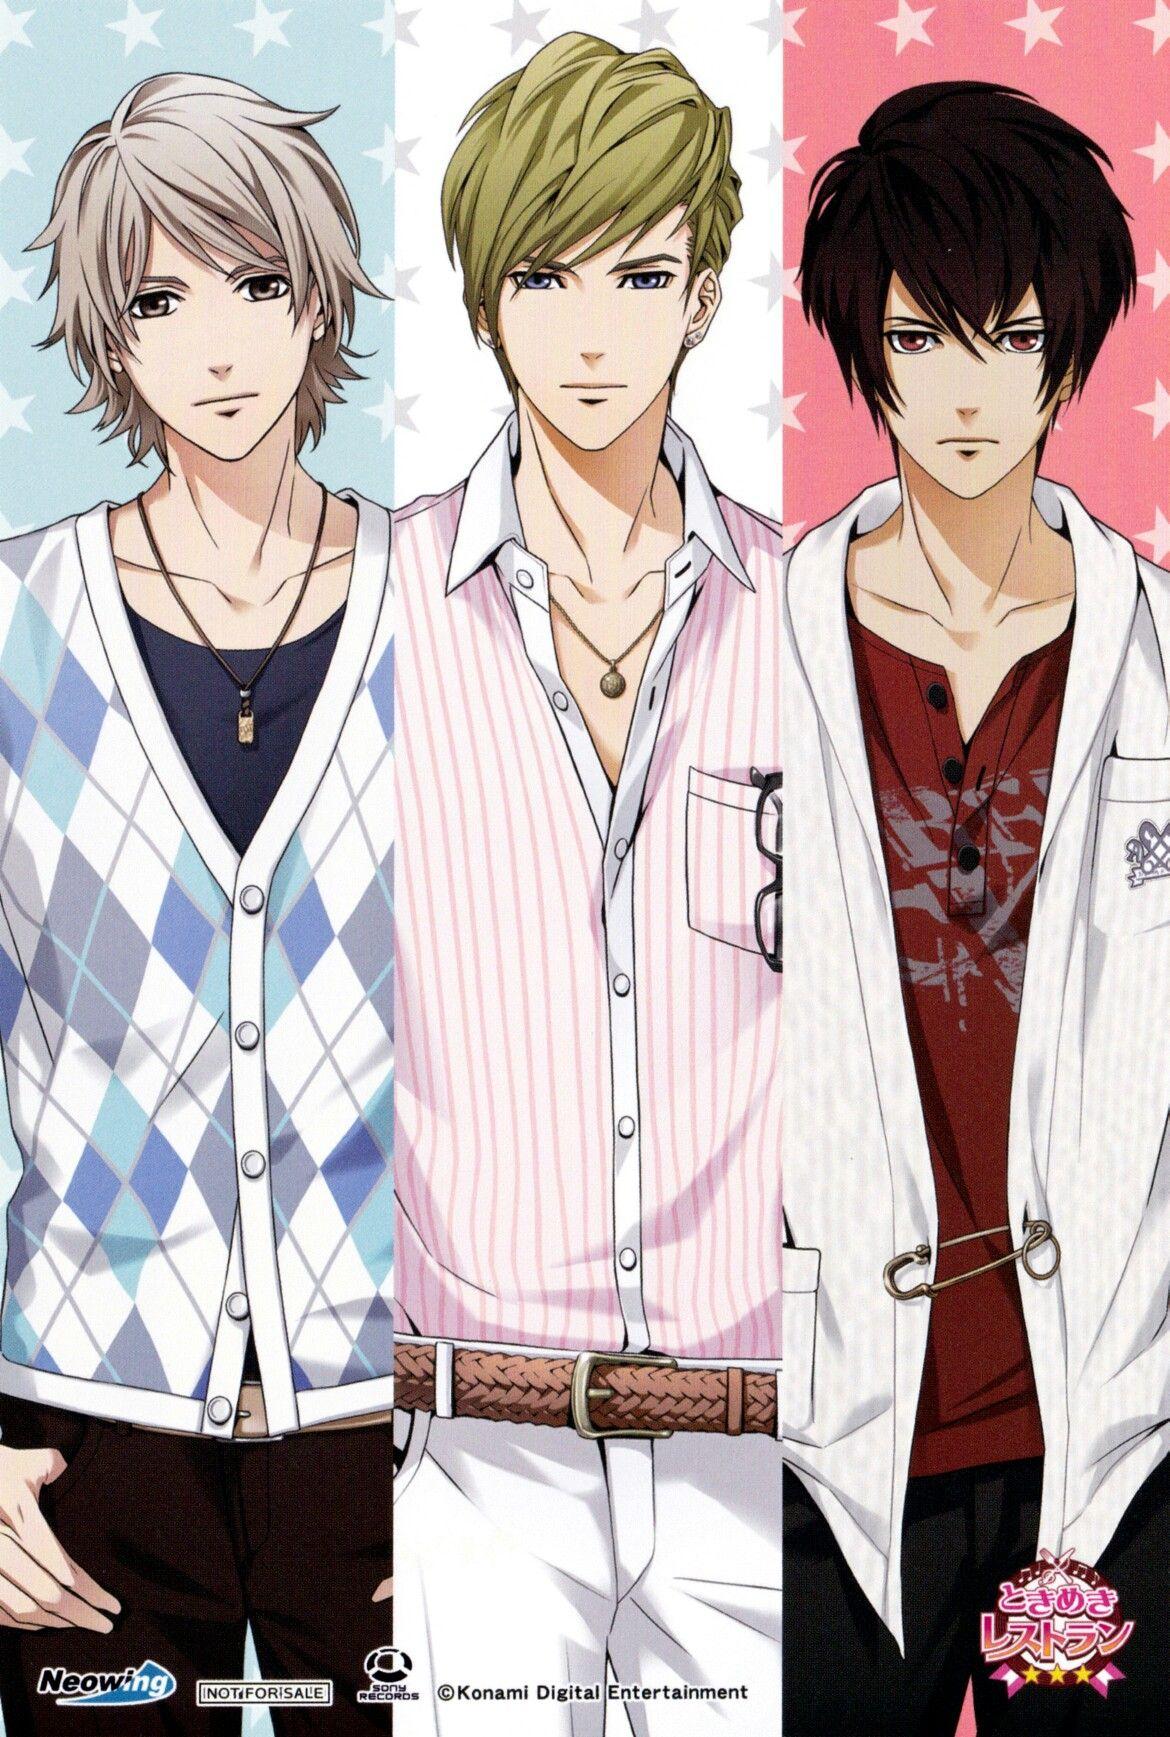 Pin on ♡ ♡ ♡  Anime and manga that i love